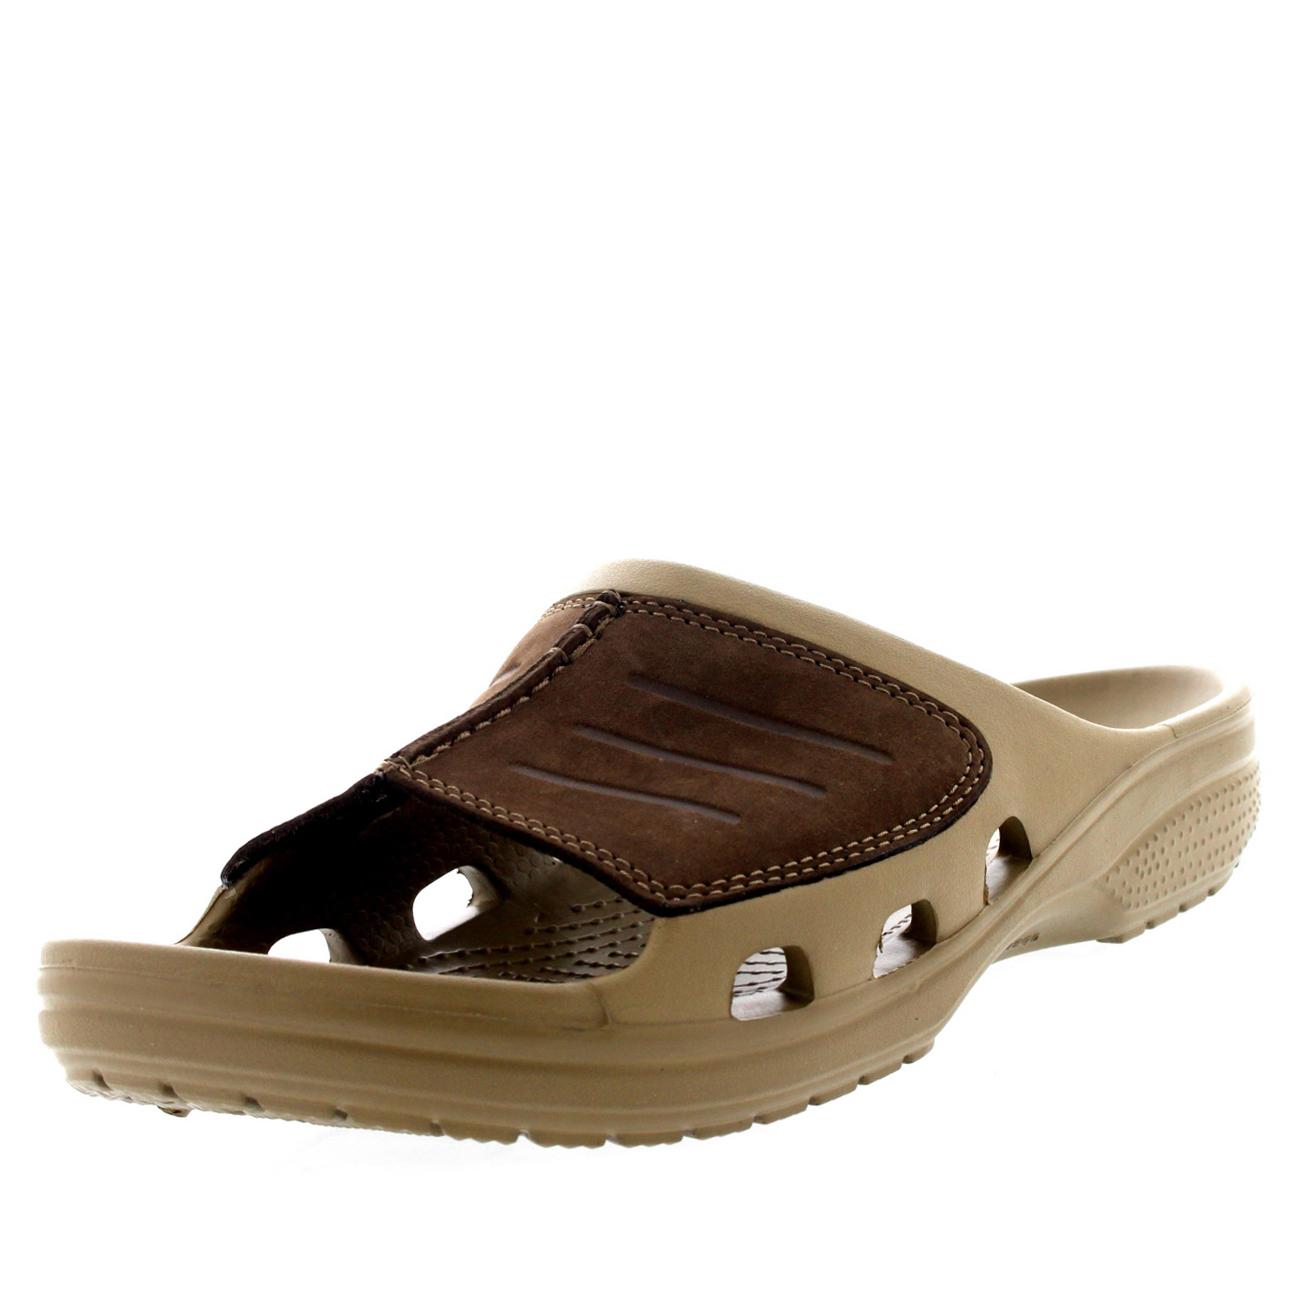 Crocs Mens Casual Shoes